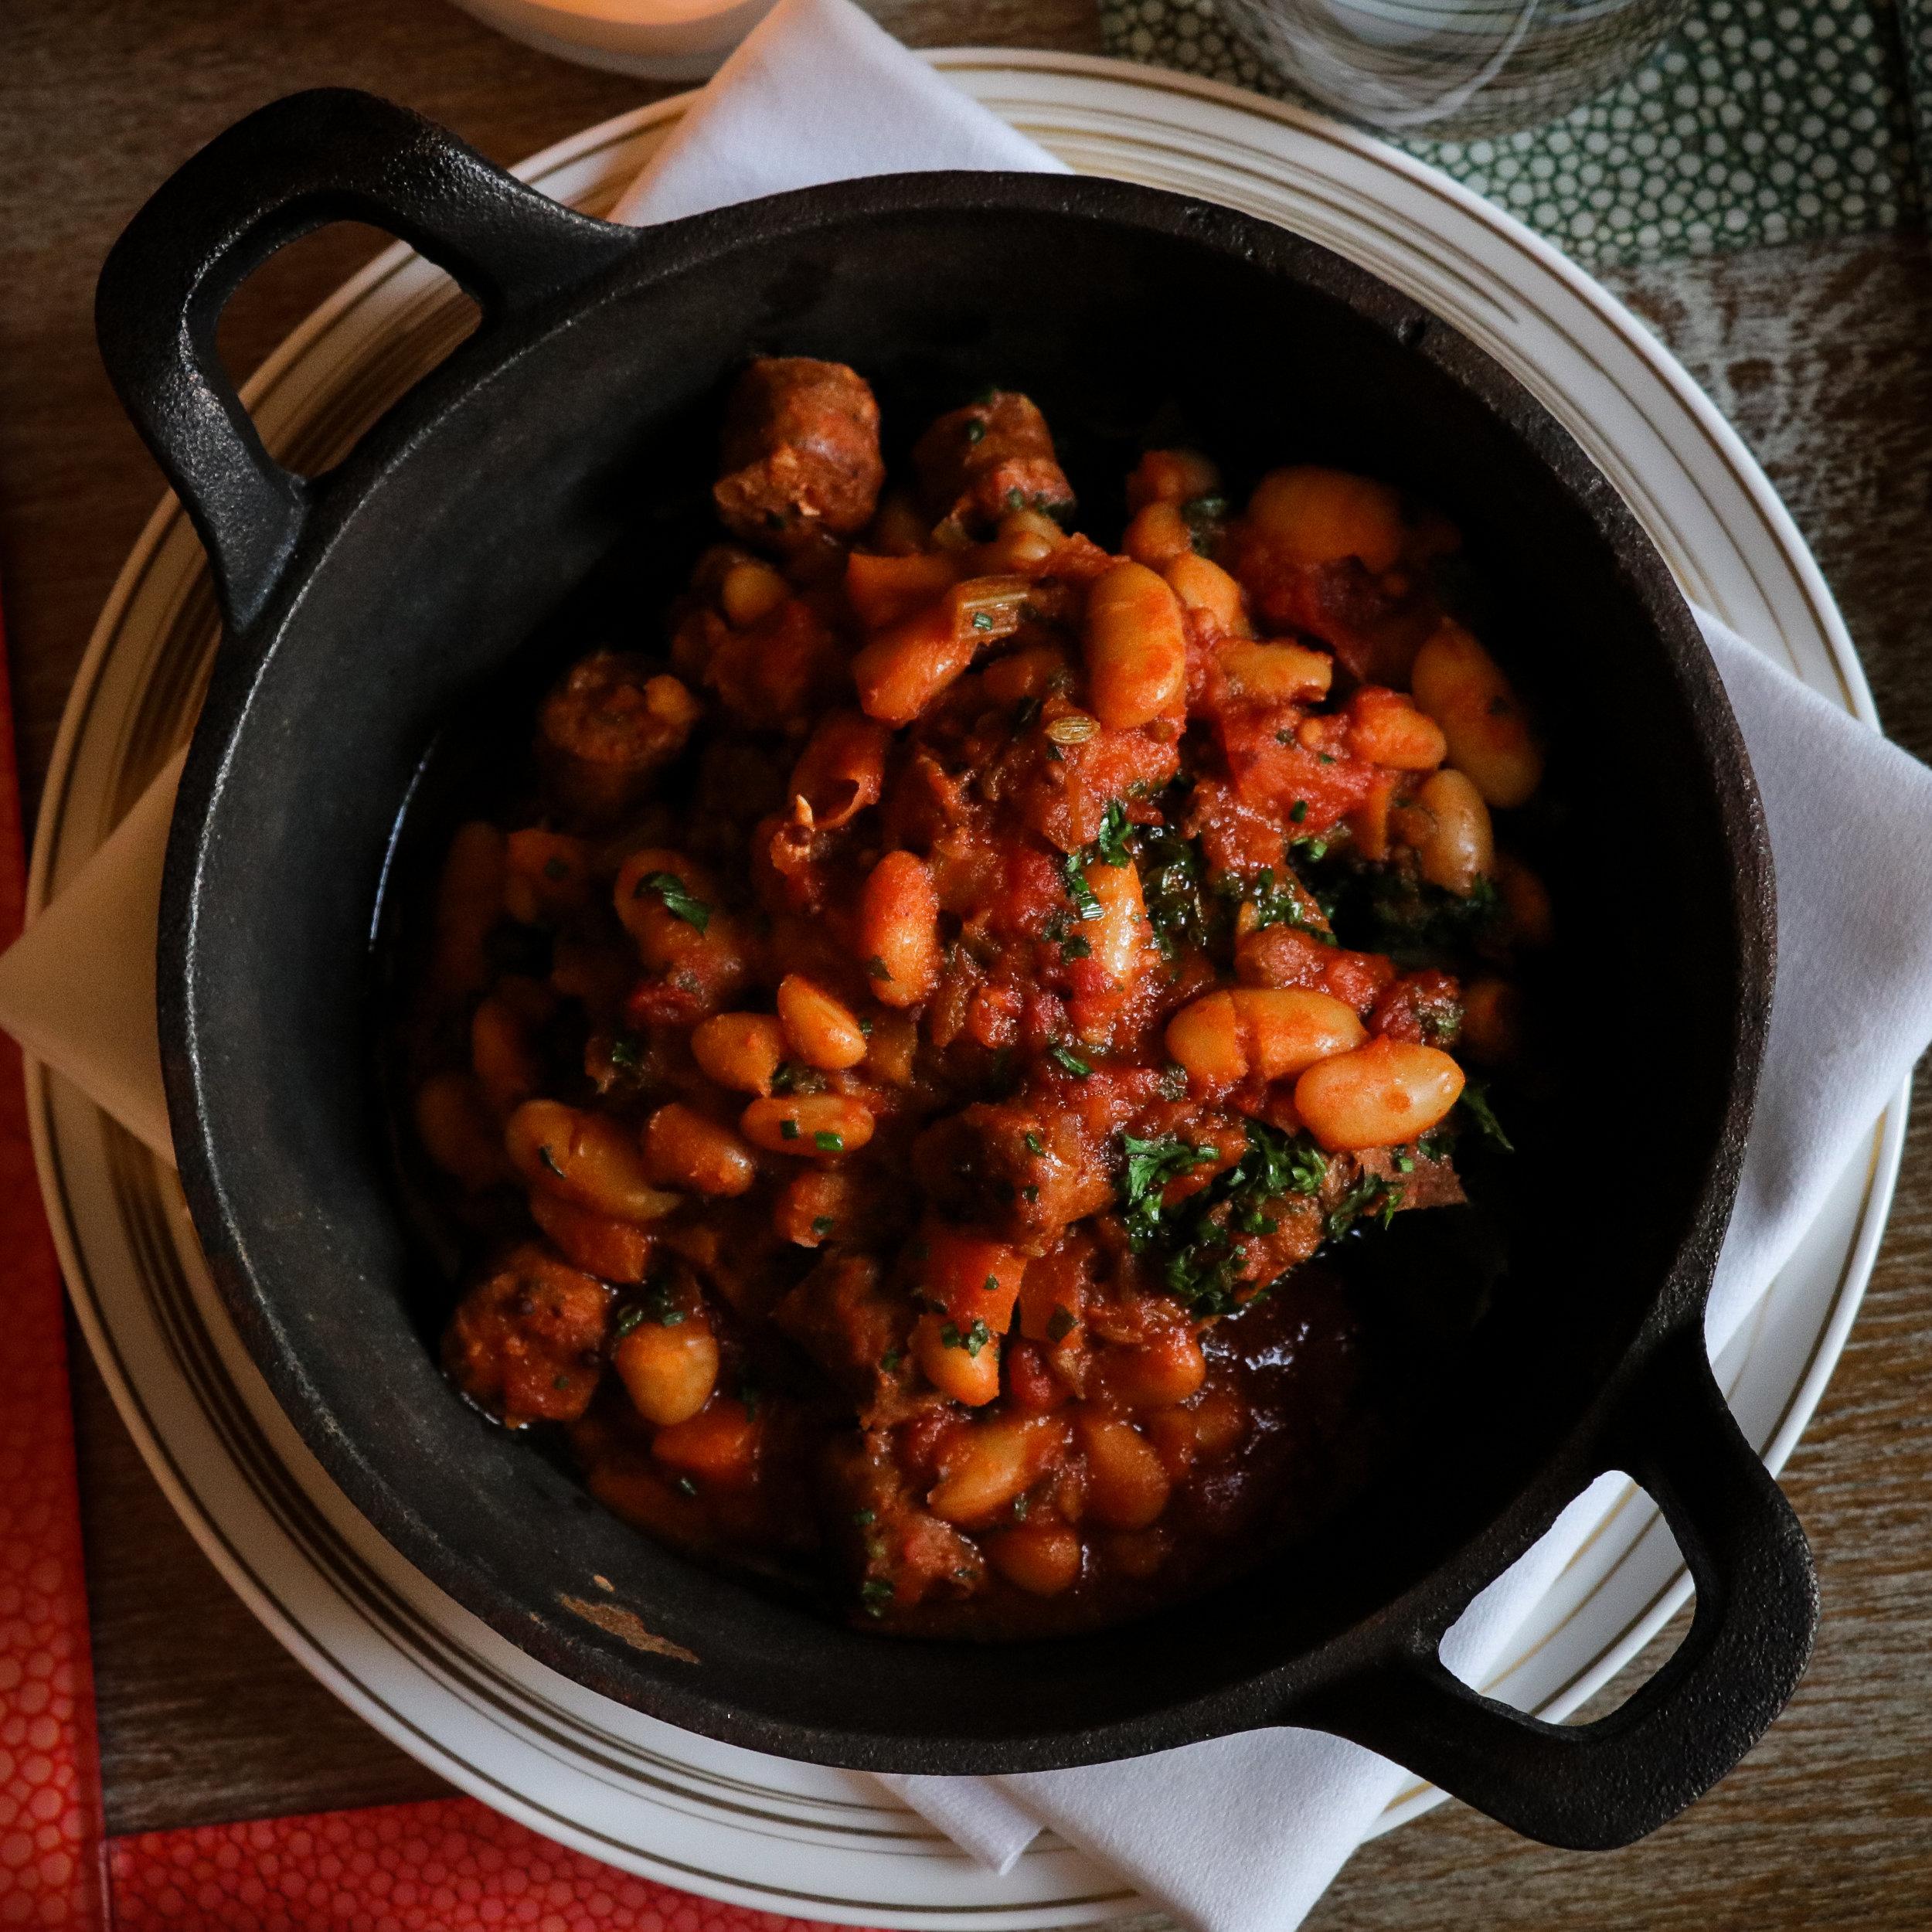 'Lamb Baked Beans, Merguez Sausage, Wild Garlic' (£12)